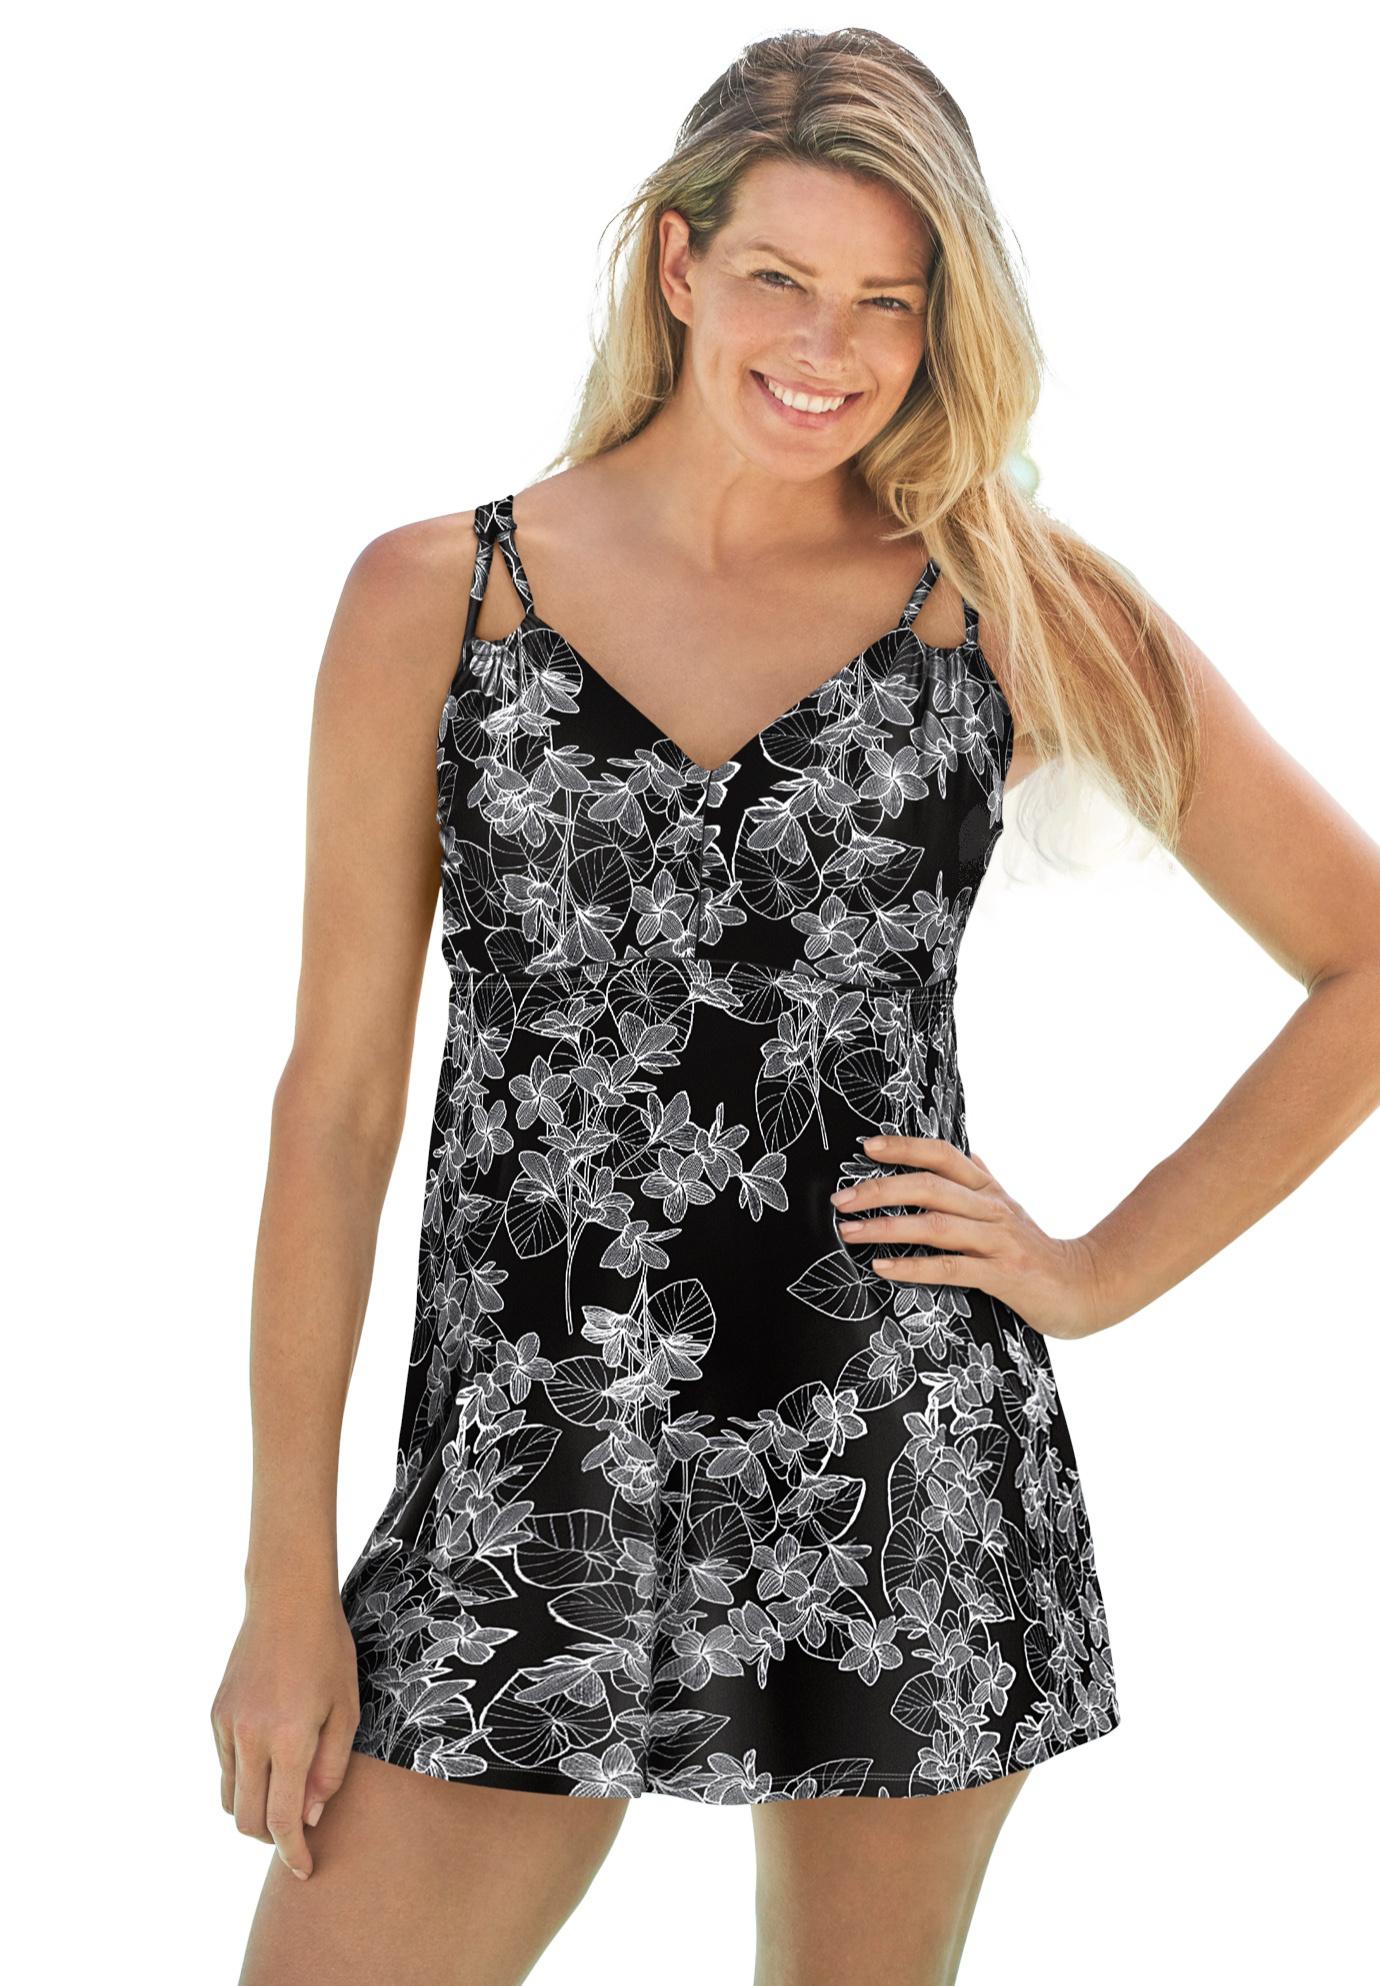 Plus Size Women's Two-Piece Swim Dress by Swim 365 in Black Stencil Leaf Print